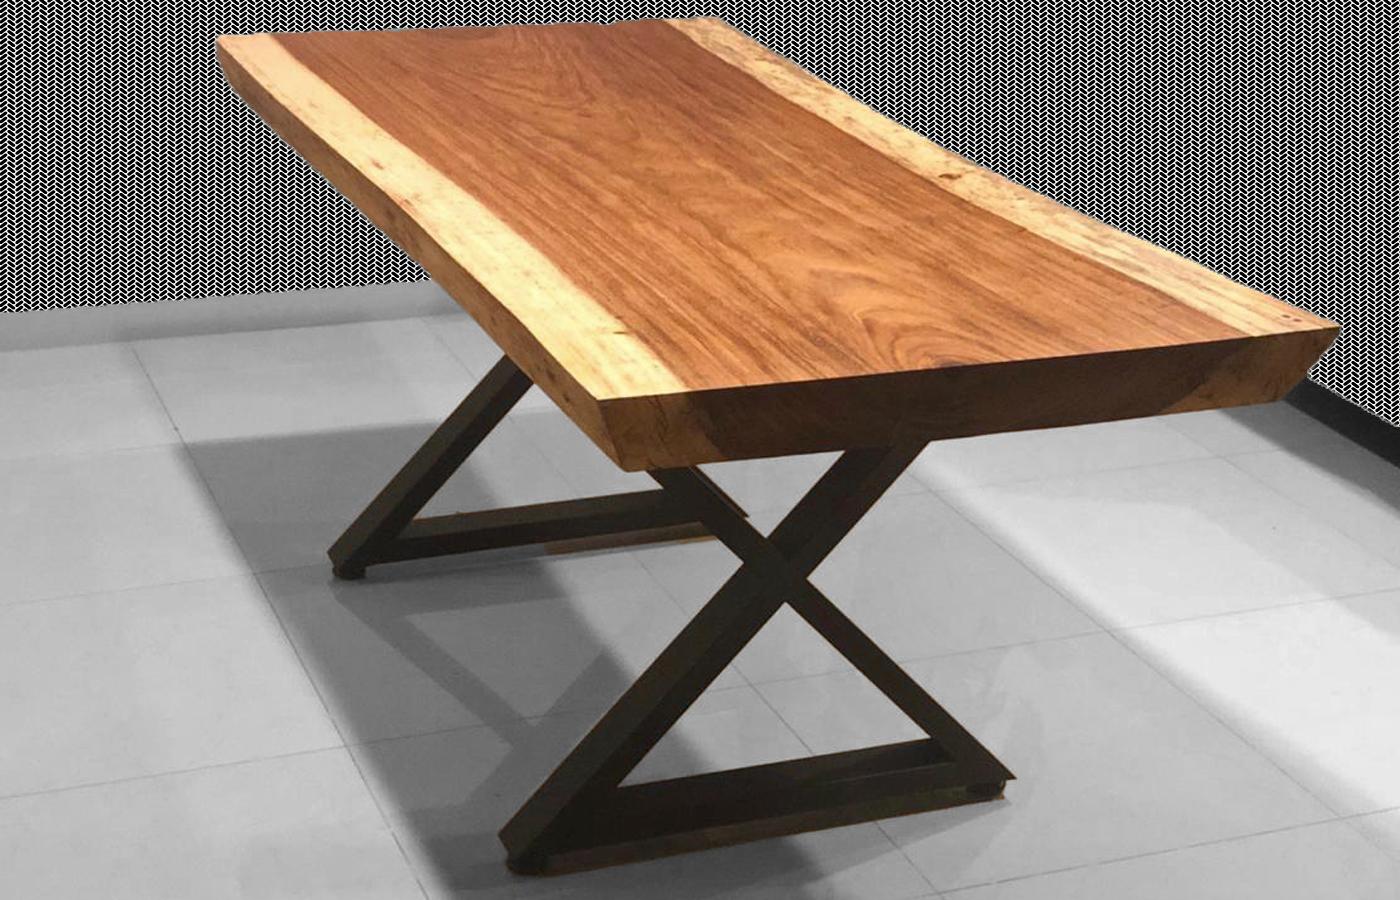 natural wood metal table